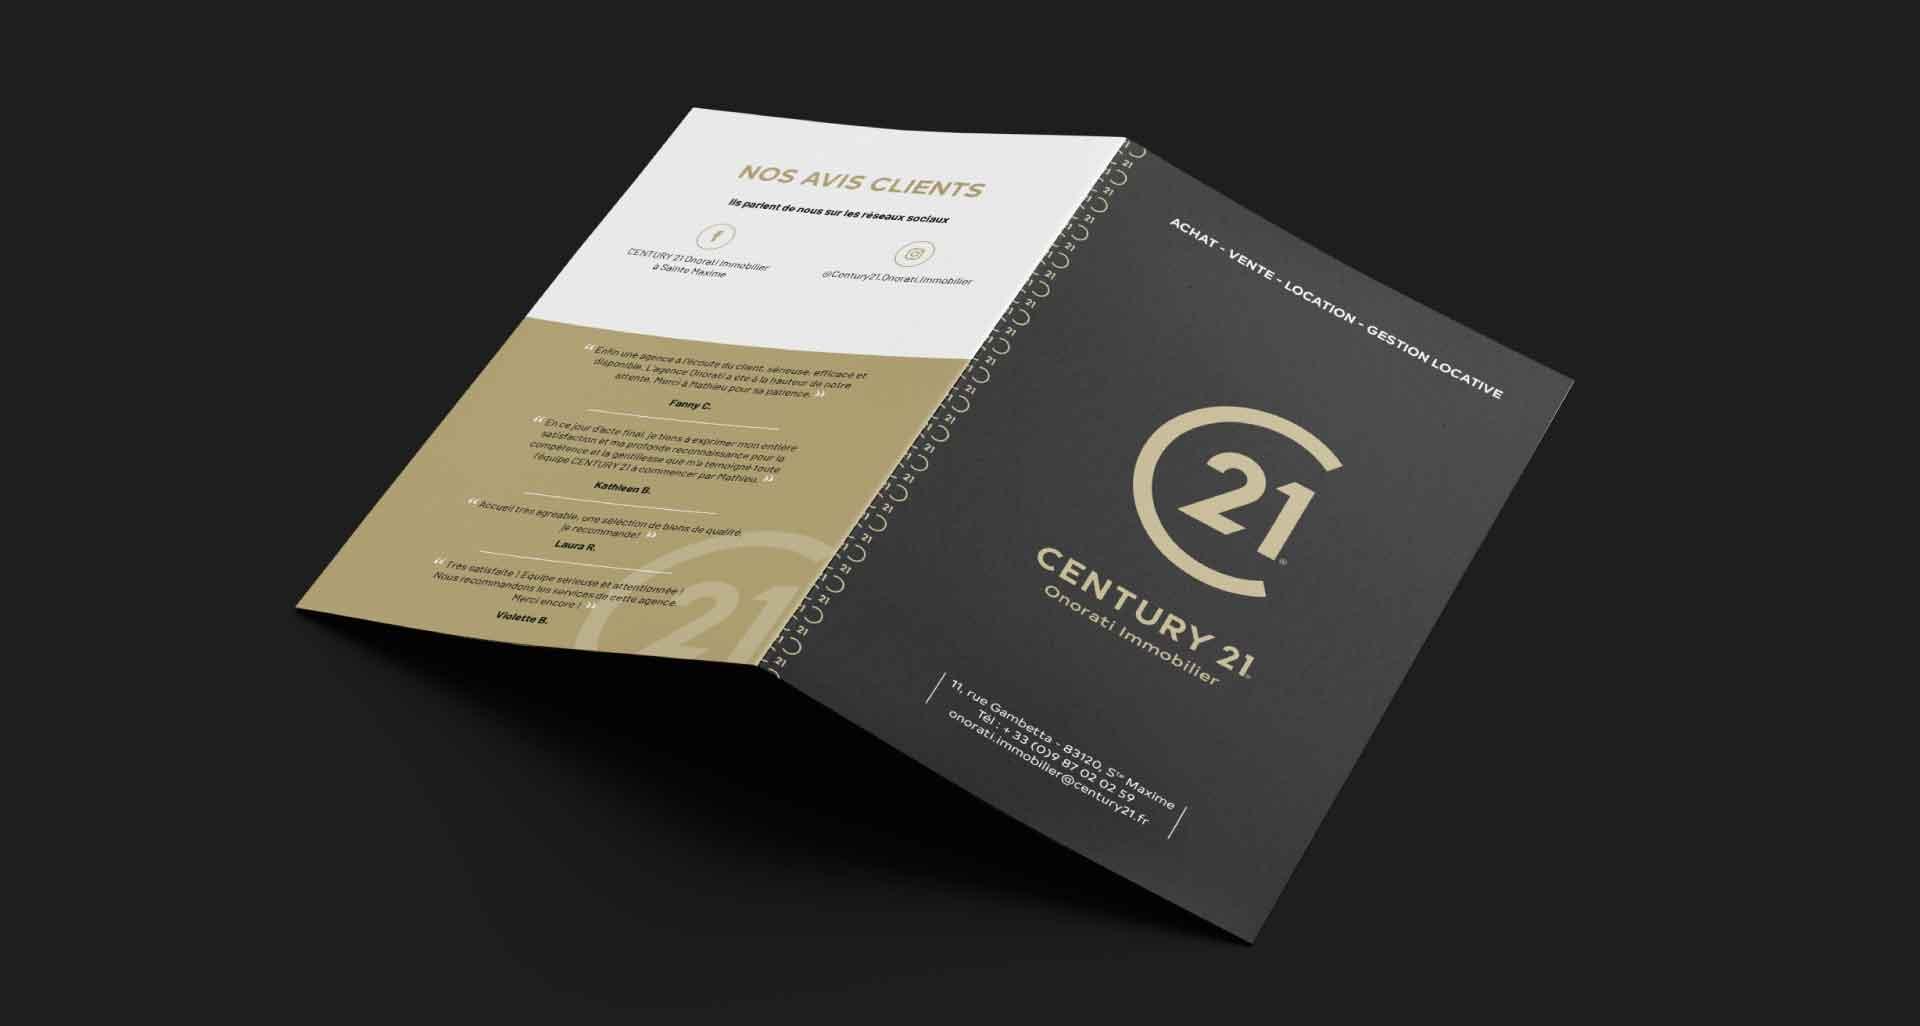 Projet pourCentury 21 Onorati par l'agence Cassian